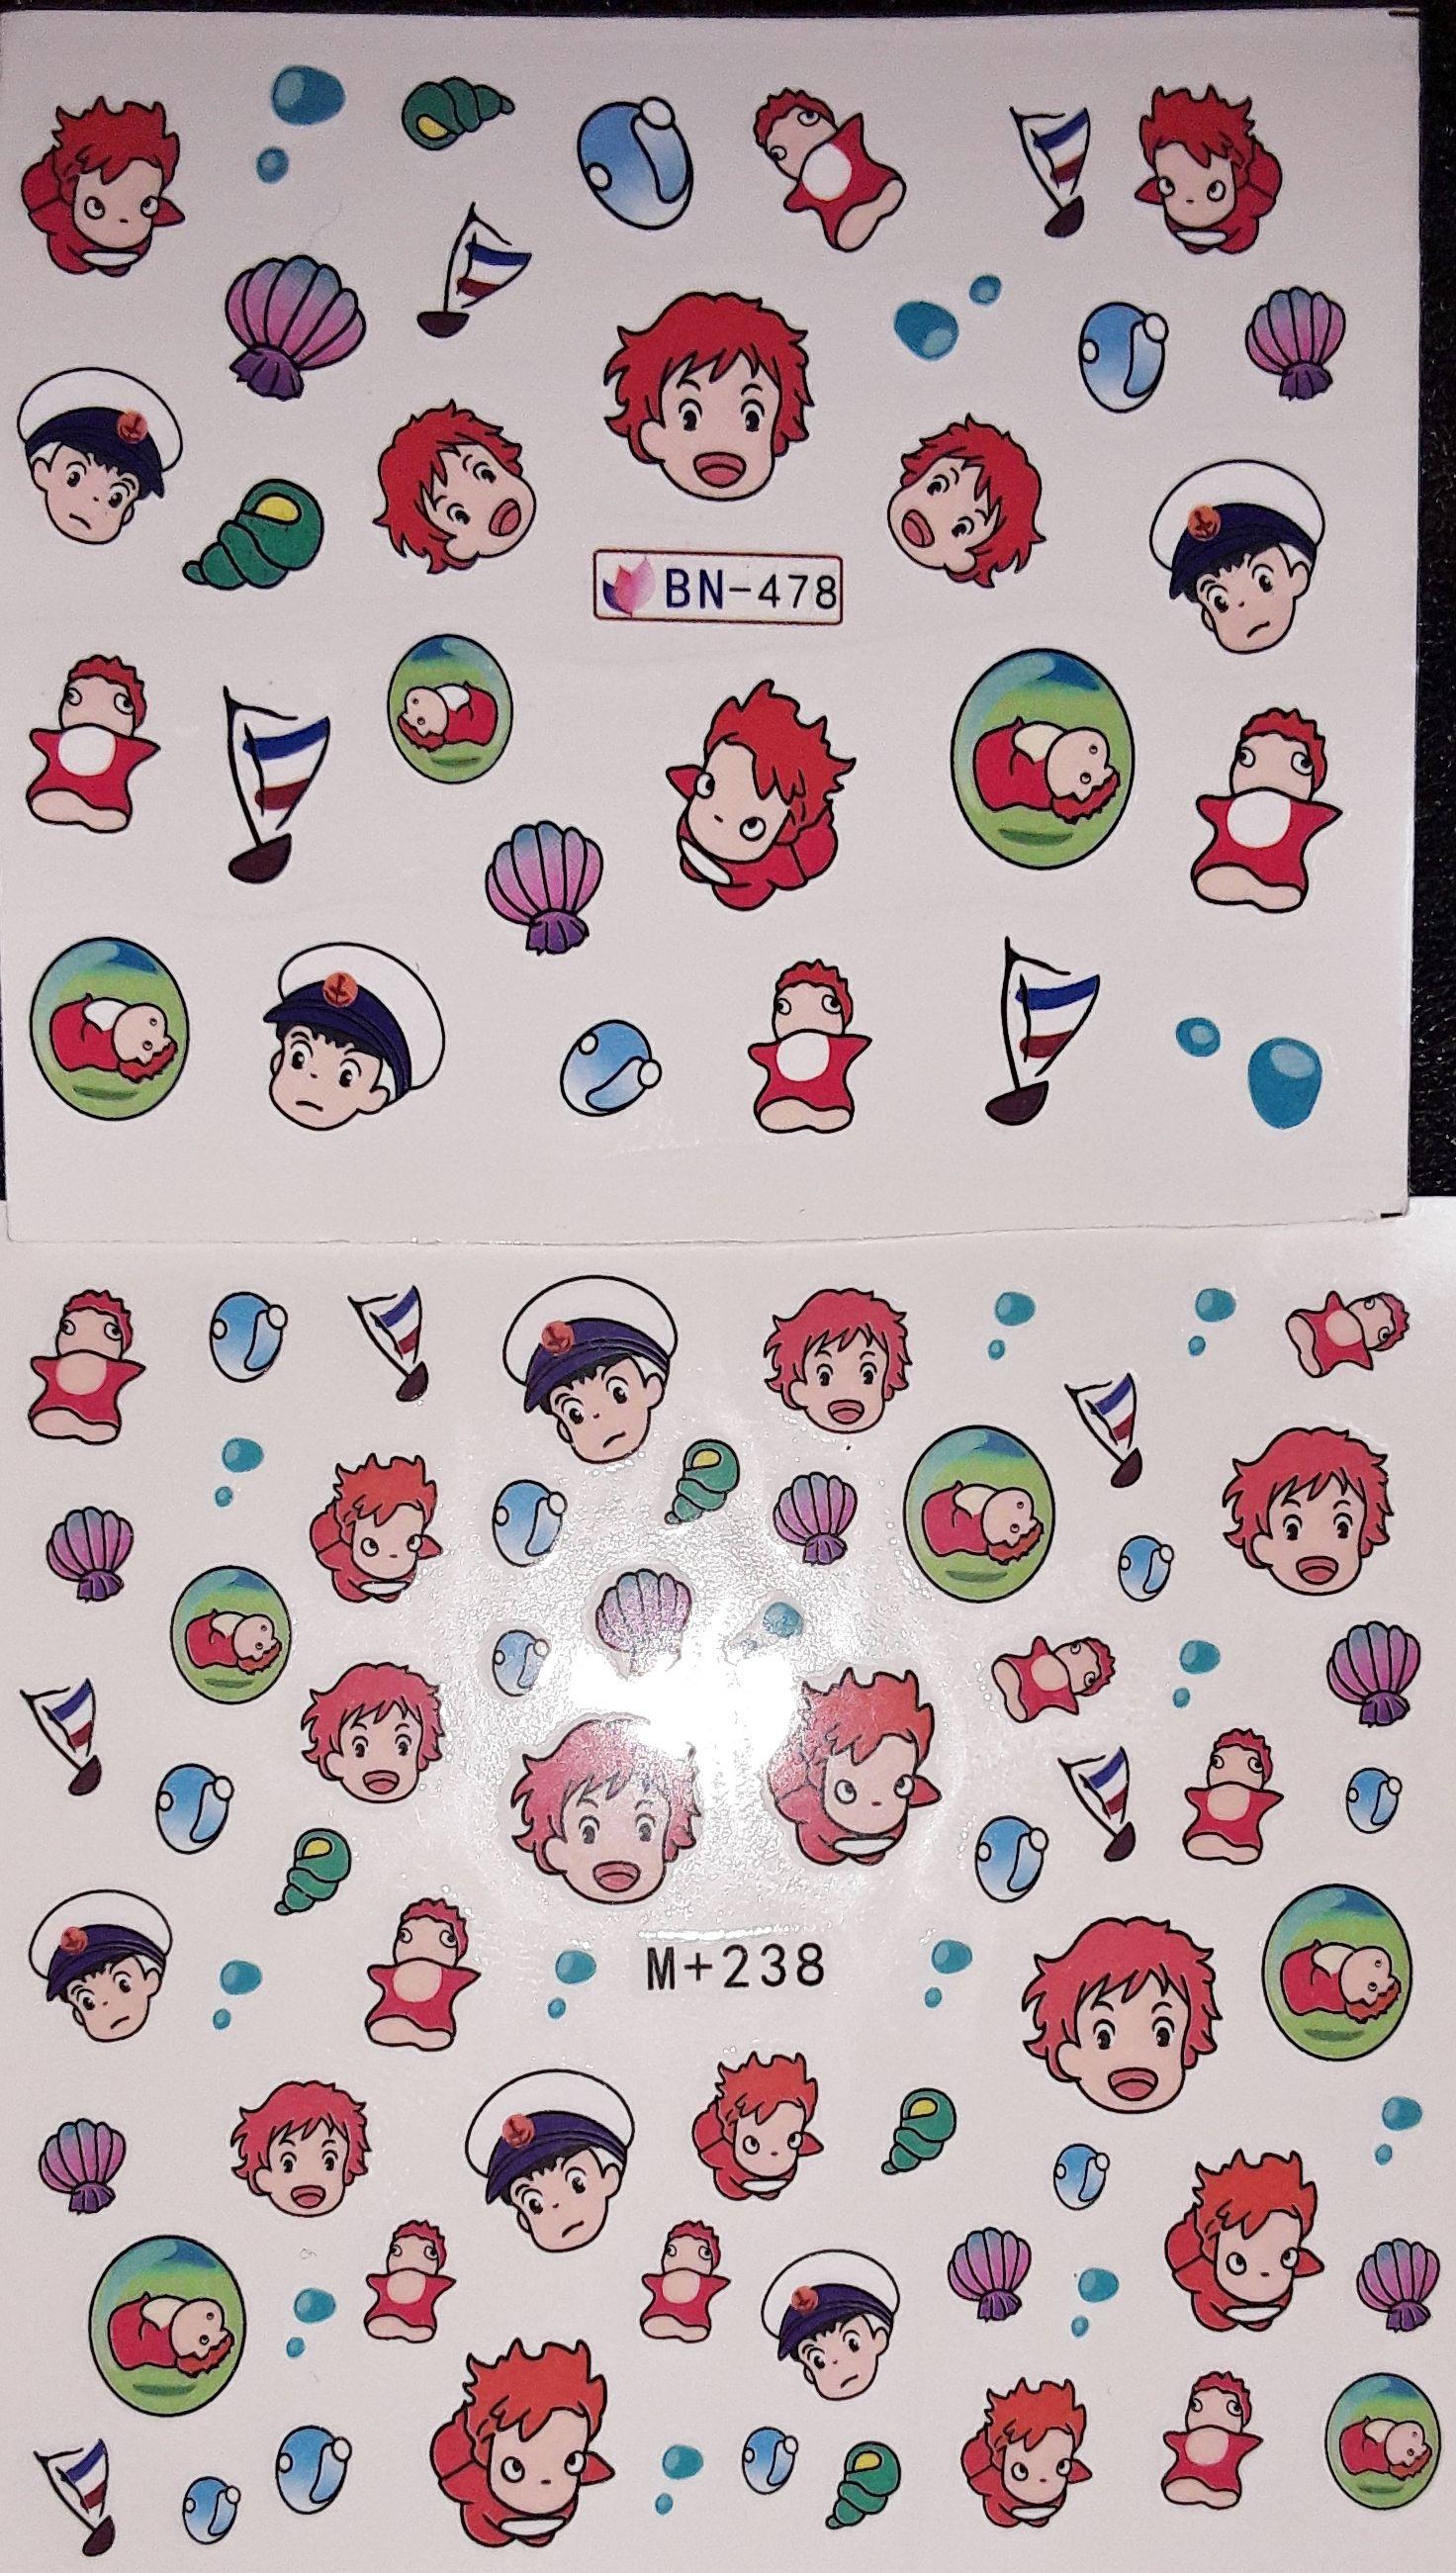 Gudetama Pucca Sailor Moon Ghibli Totoro Ponyo Nail Decal Sticker